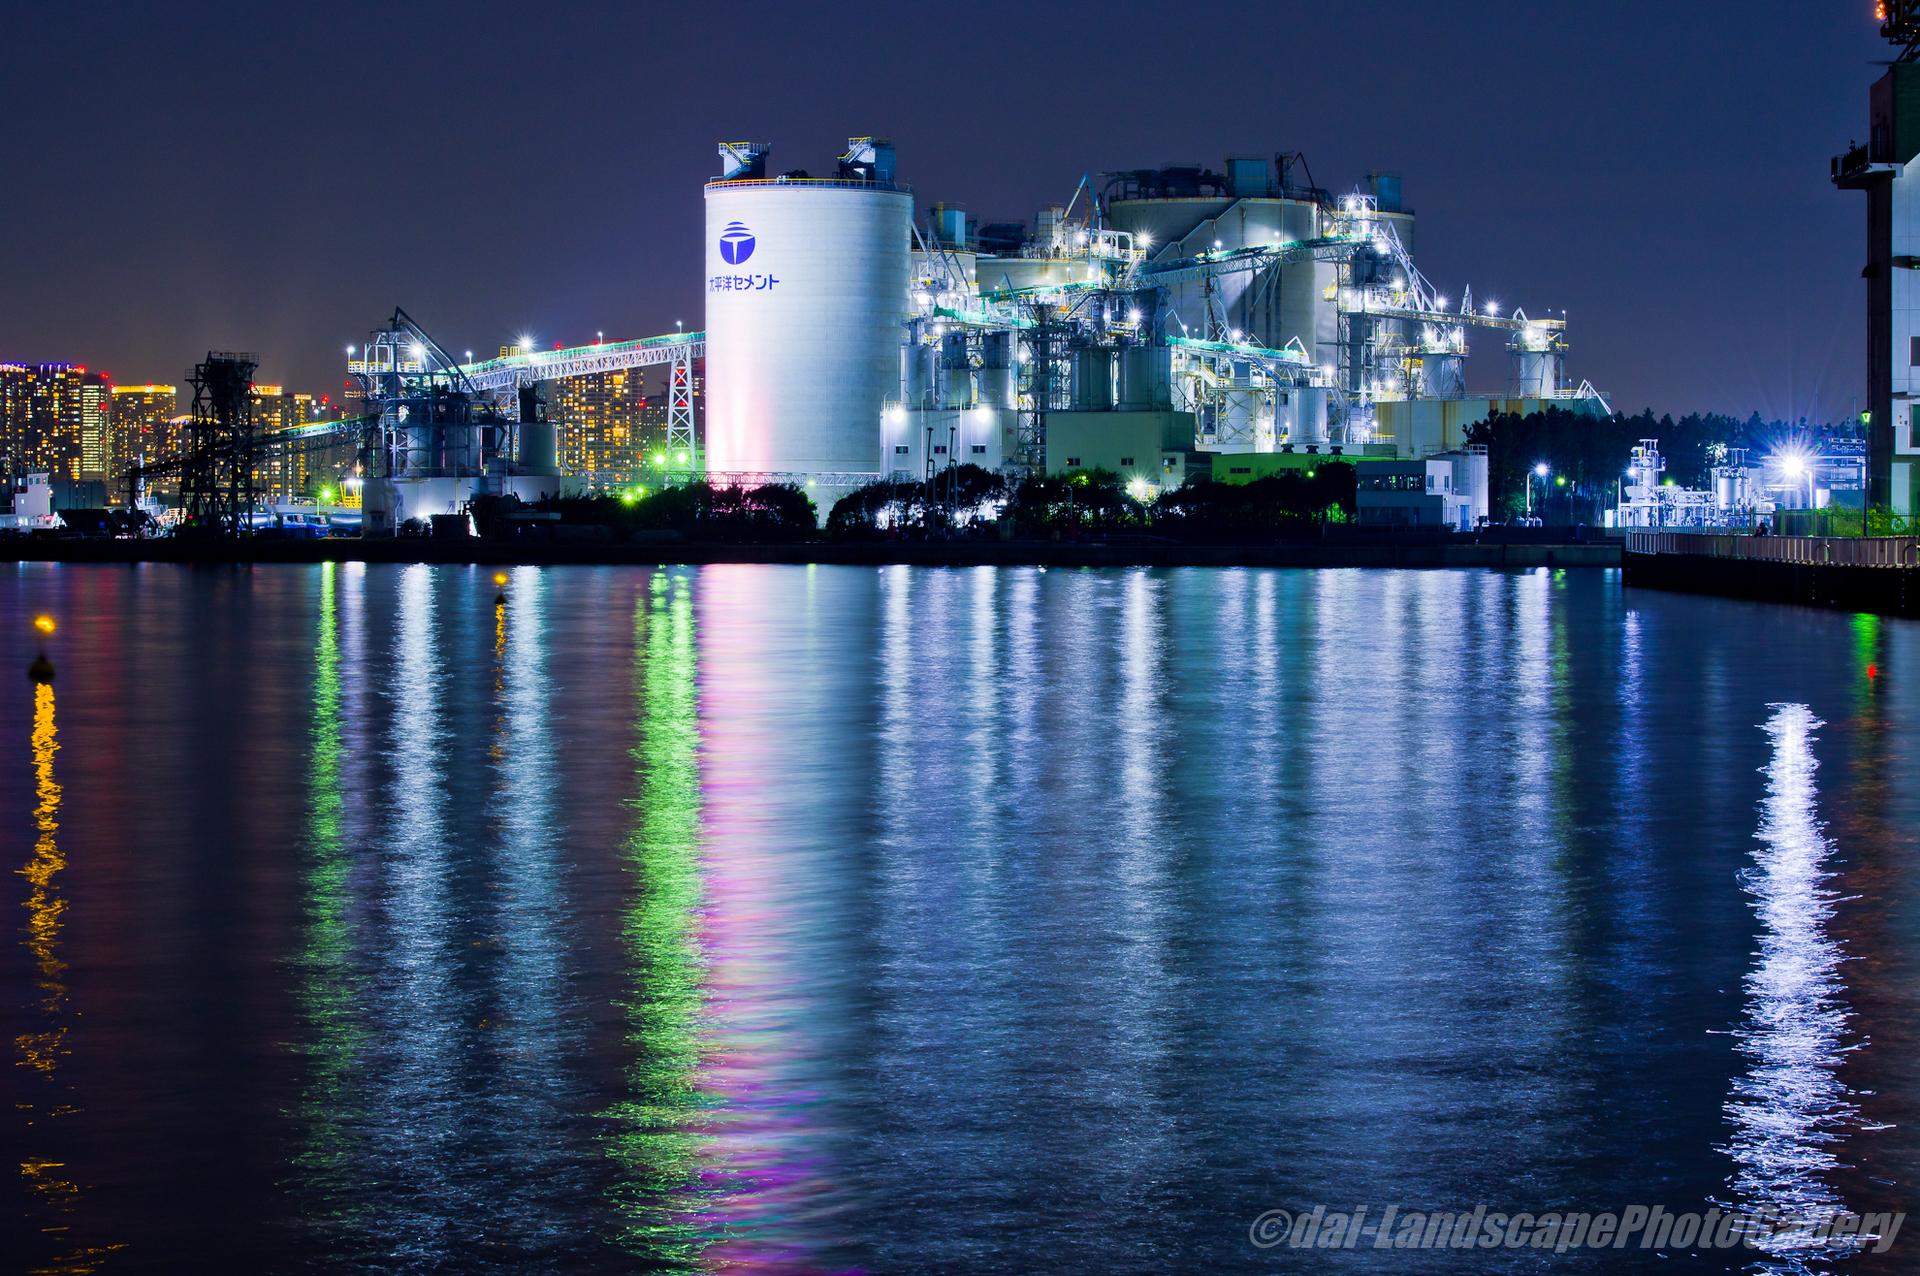 太平洋セメント東京サービスステーション夜景